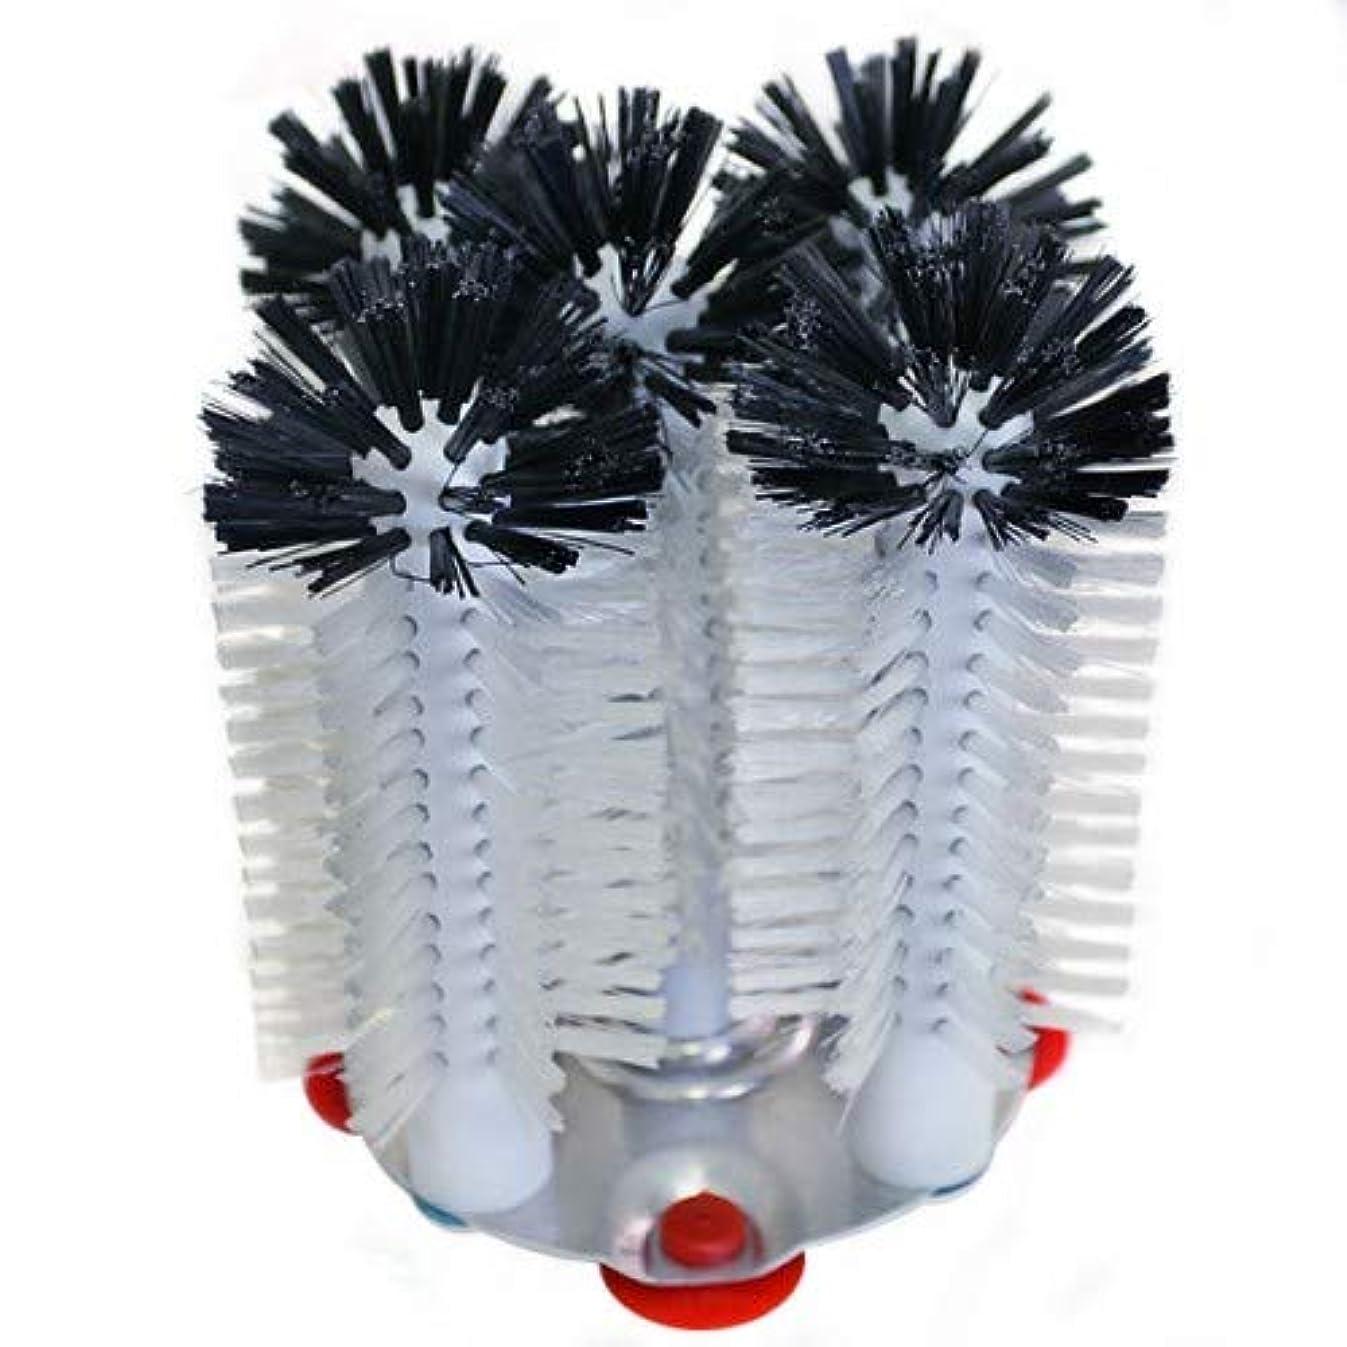 BarConic 5 Brush Glass Washer